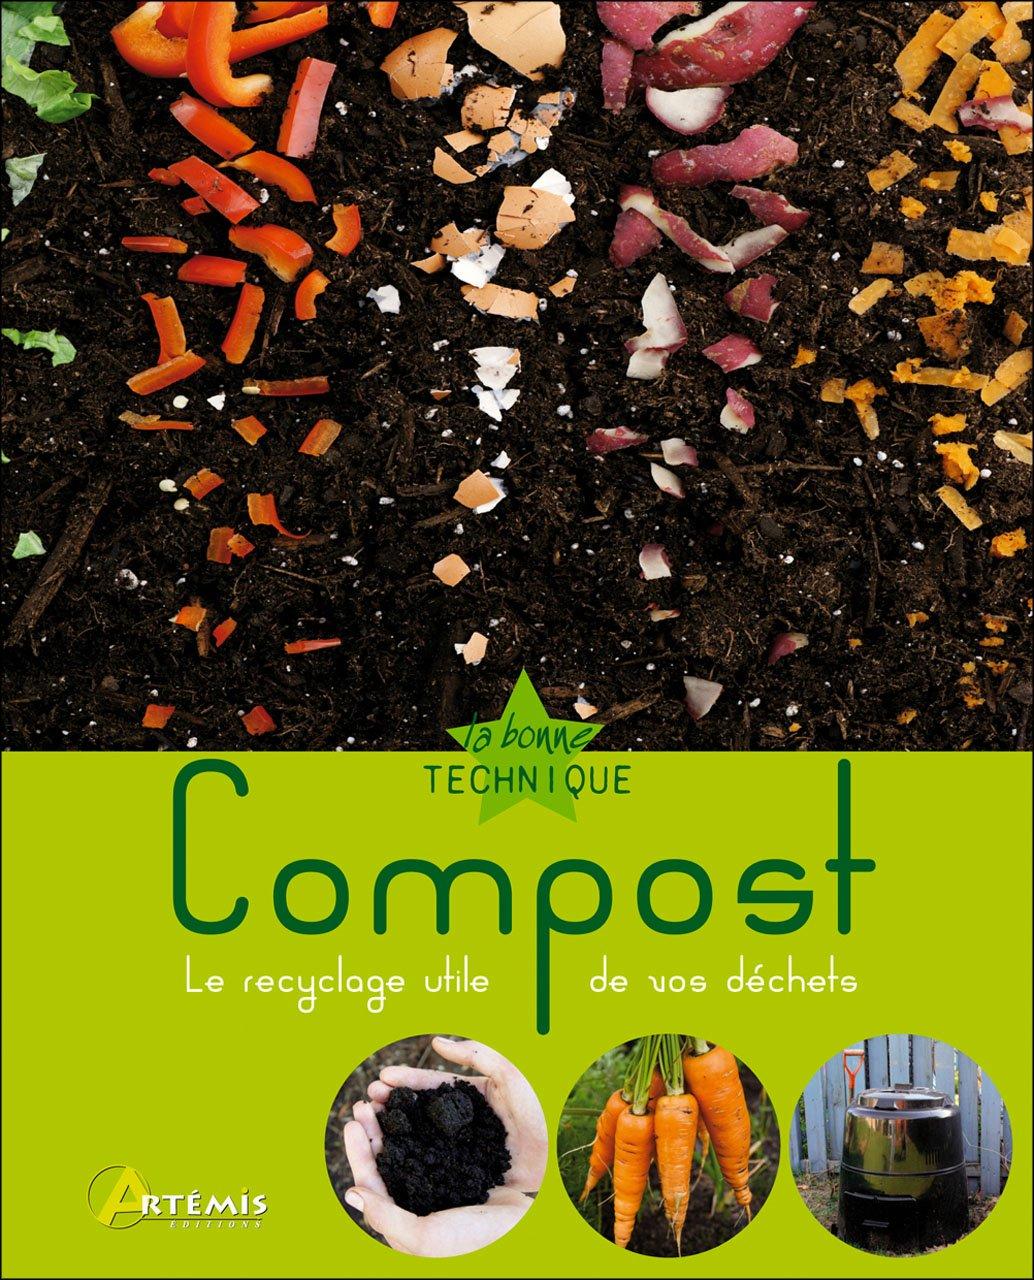 Compost : Le recyclage utile de vos déchets